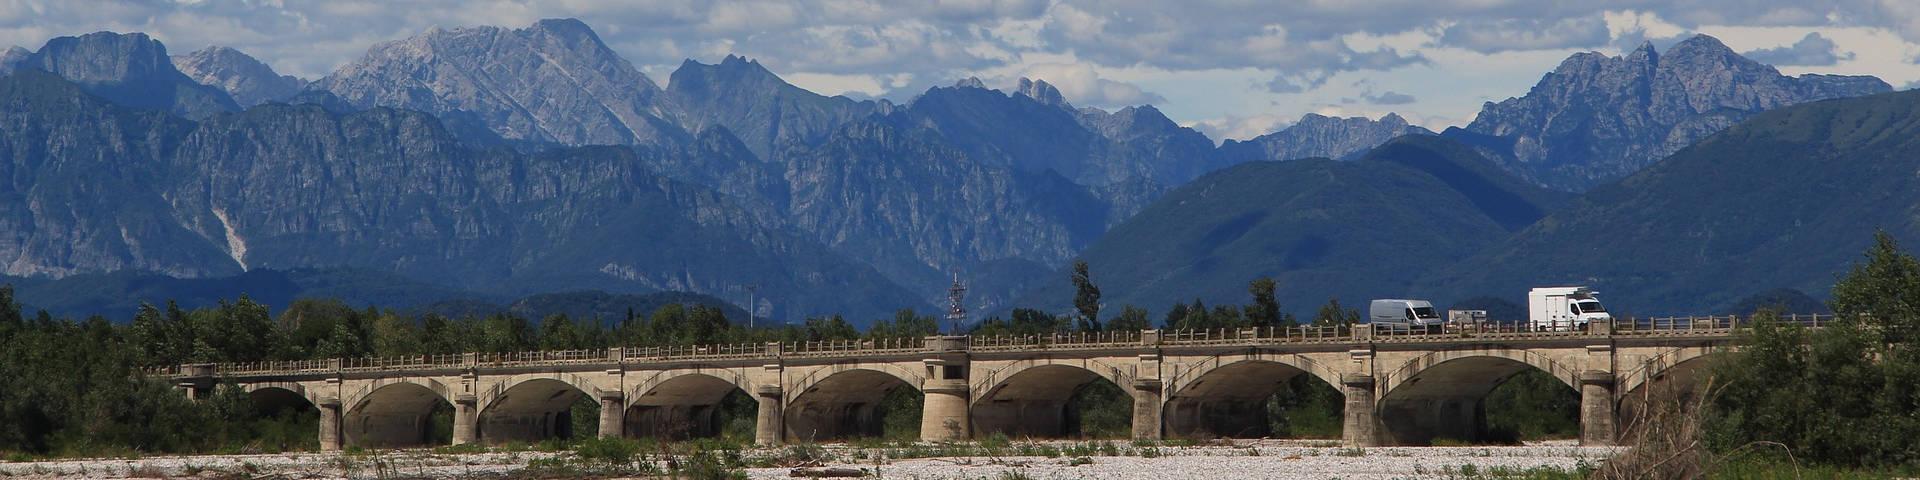 bridge-2427785_1920 - Bild von Aernout B